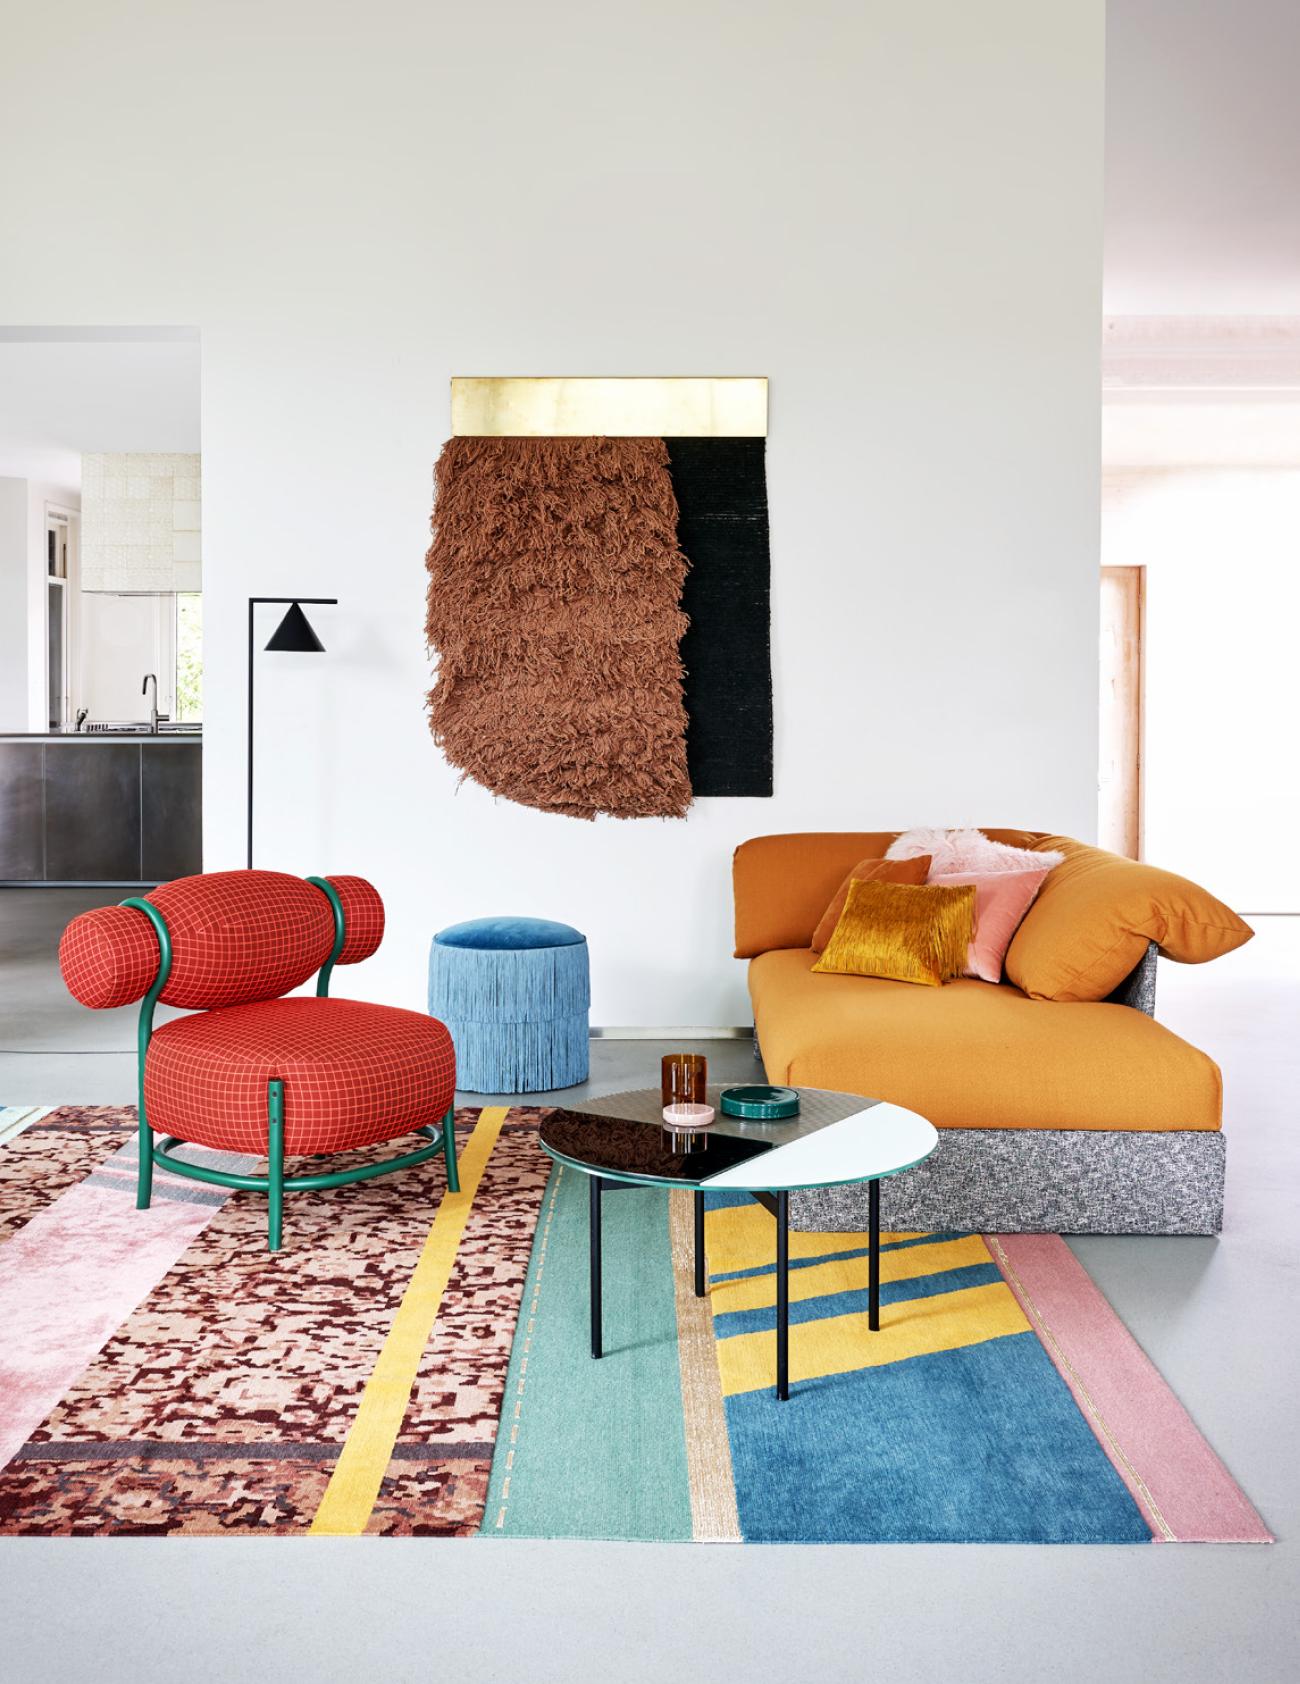 canapé jaune et gris clair fauteuil rouge et table basse metal et verre tapis coloré tissage mural sur mur blanc